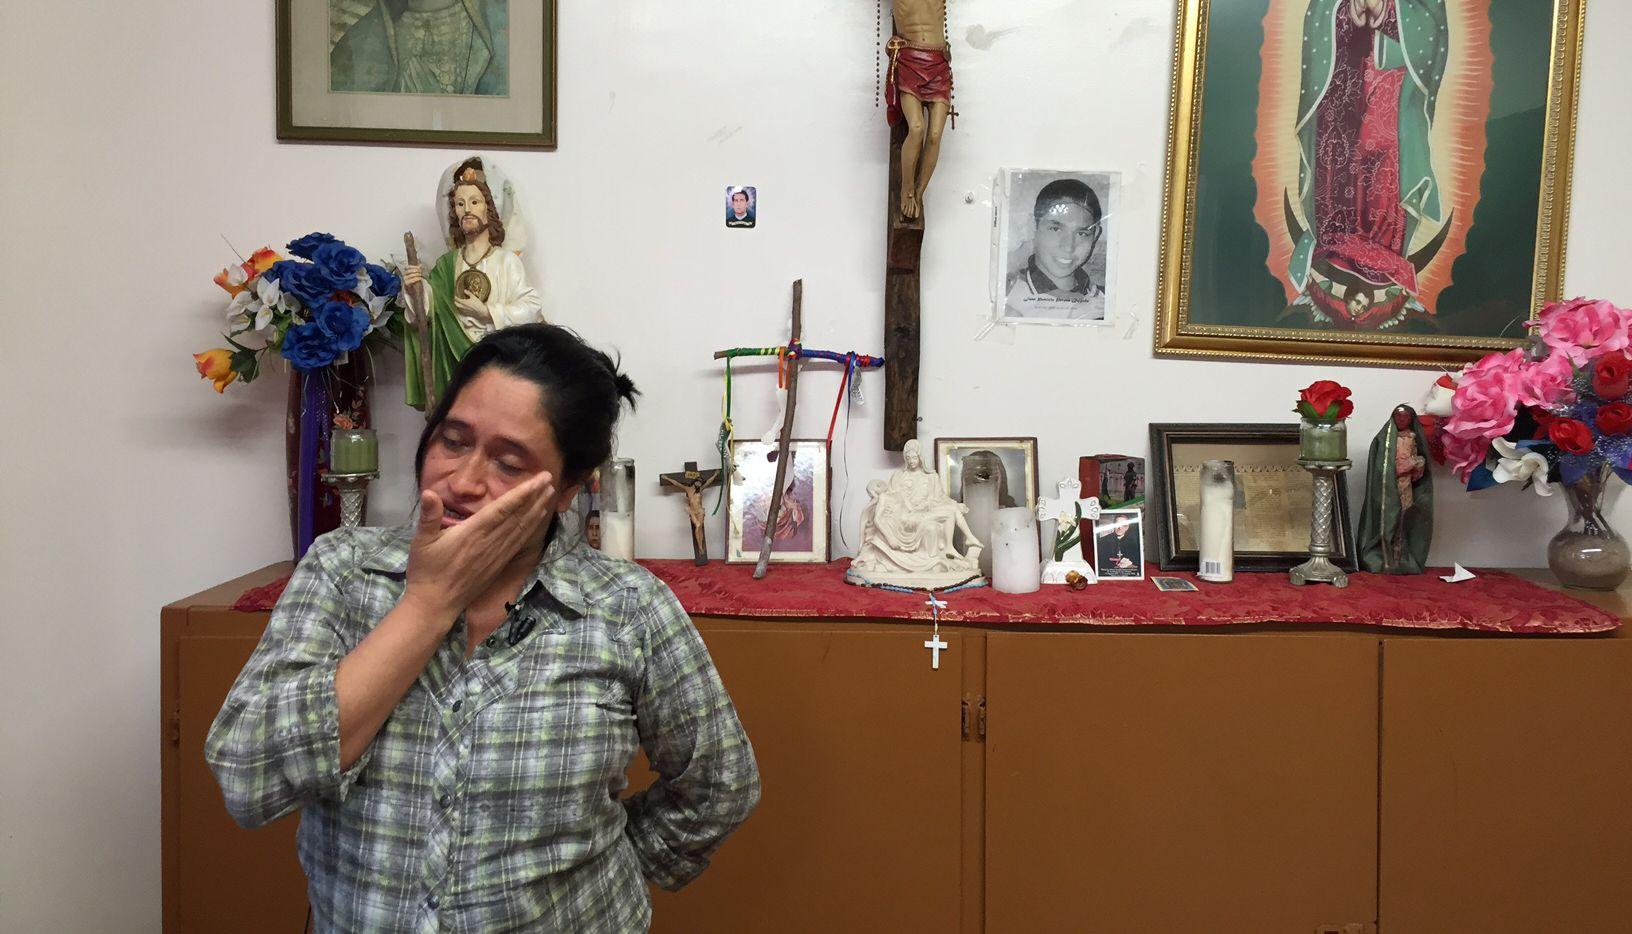 """Mari Centeno, originaria de El Salvador cruzó por territorio mexicano a través del tren conocido como """"La Bestia"""" en su viaje hasta Estados Unidos junto con su hija Roxana. Ella será uno de los aproximados 500 inmigrantes que presenciarán desde la línea fronteriza en El Paso la misa del Papa Francisco en Ciudad Juárez, el miércoles 17 de febrero."""